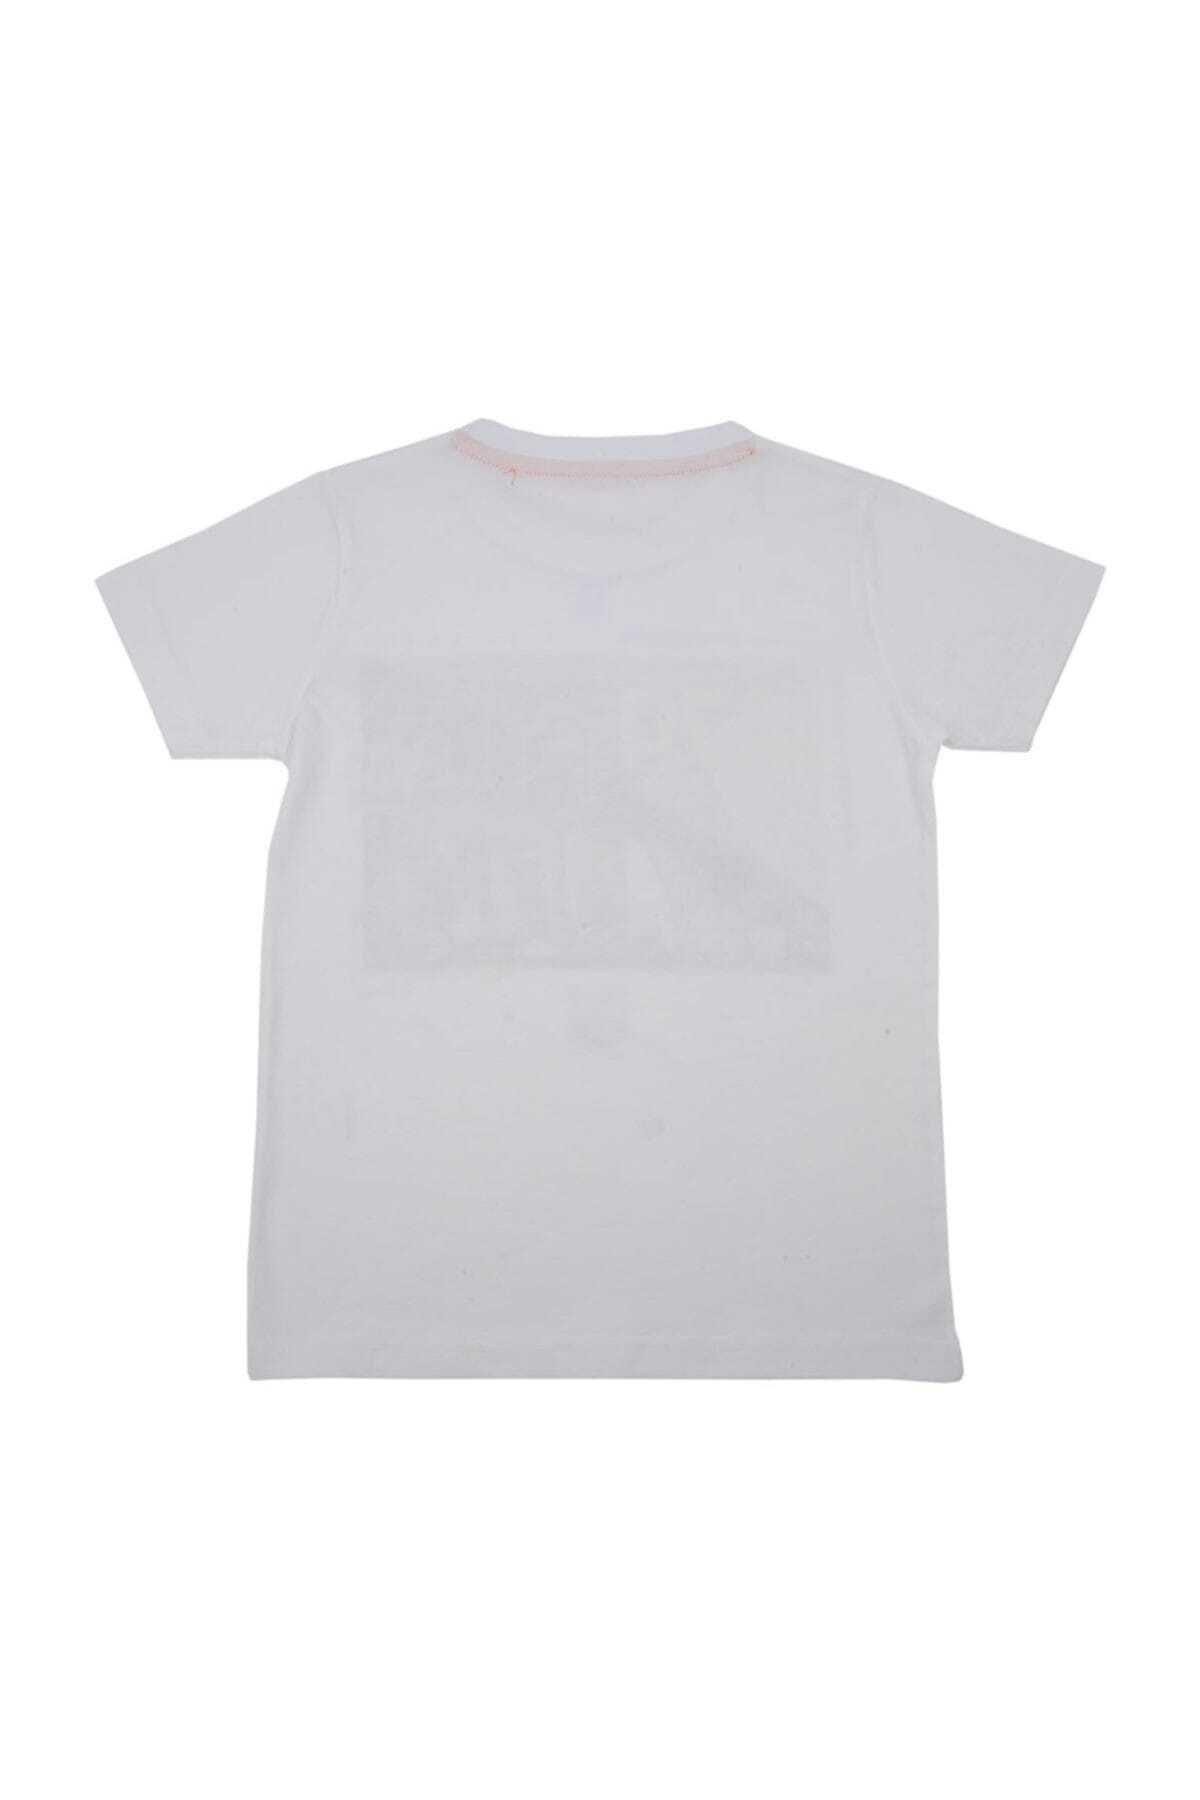 Zeyland Erkek Çocuk Beyaz T-Shirt 2